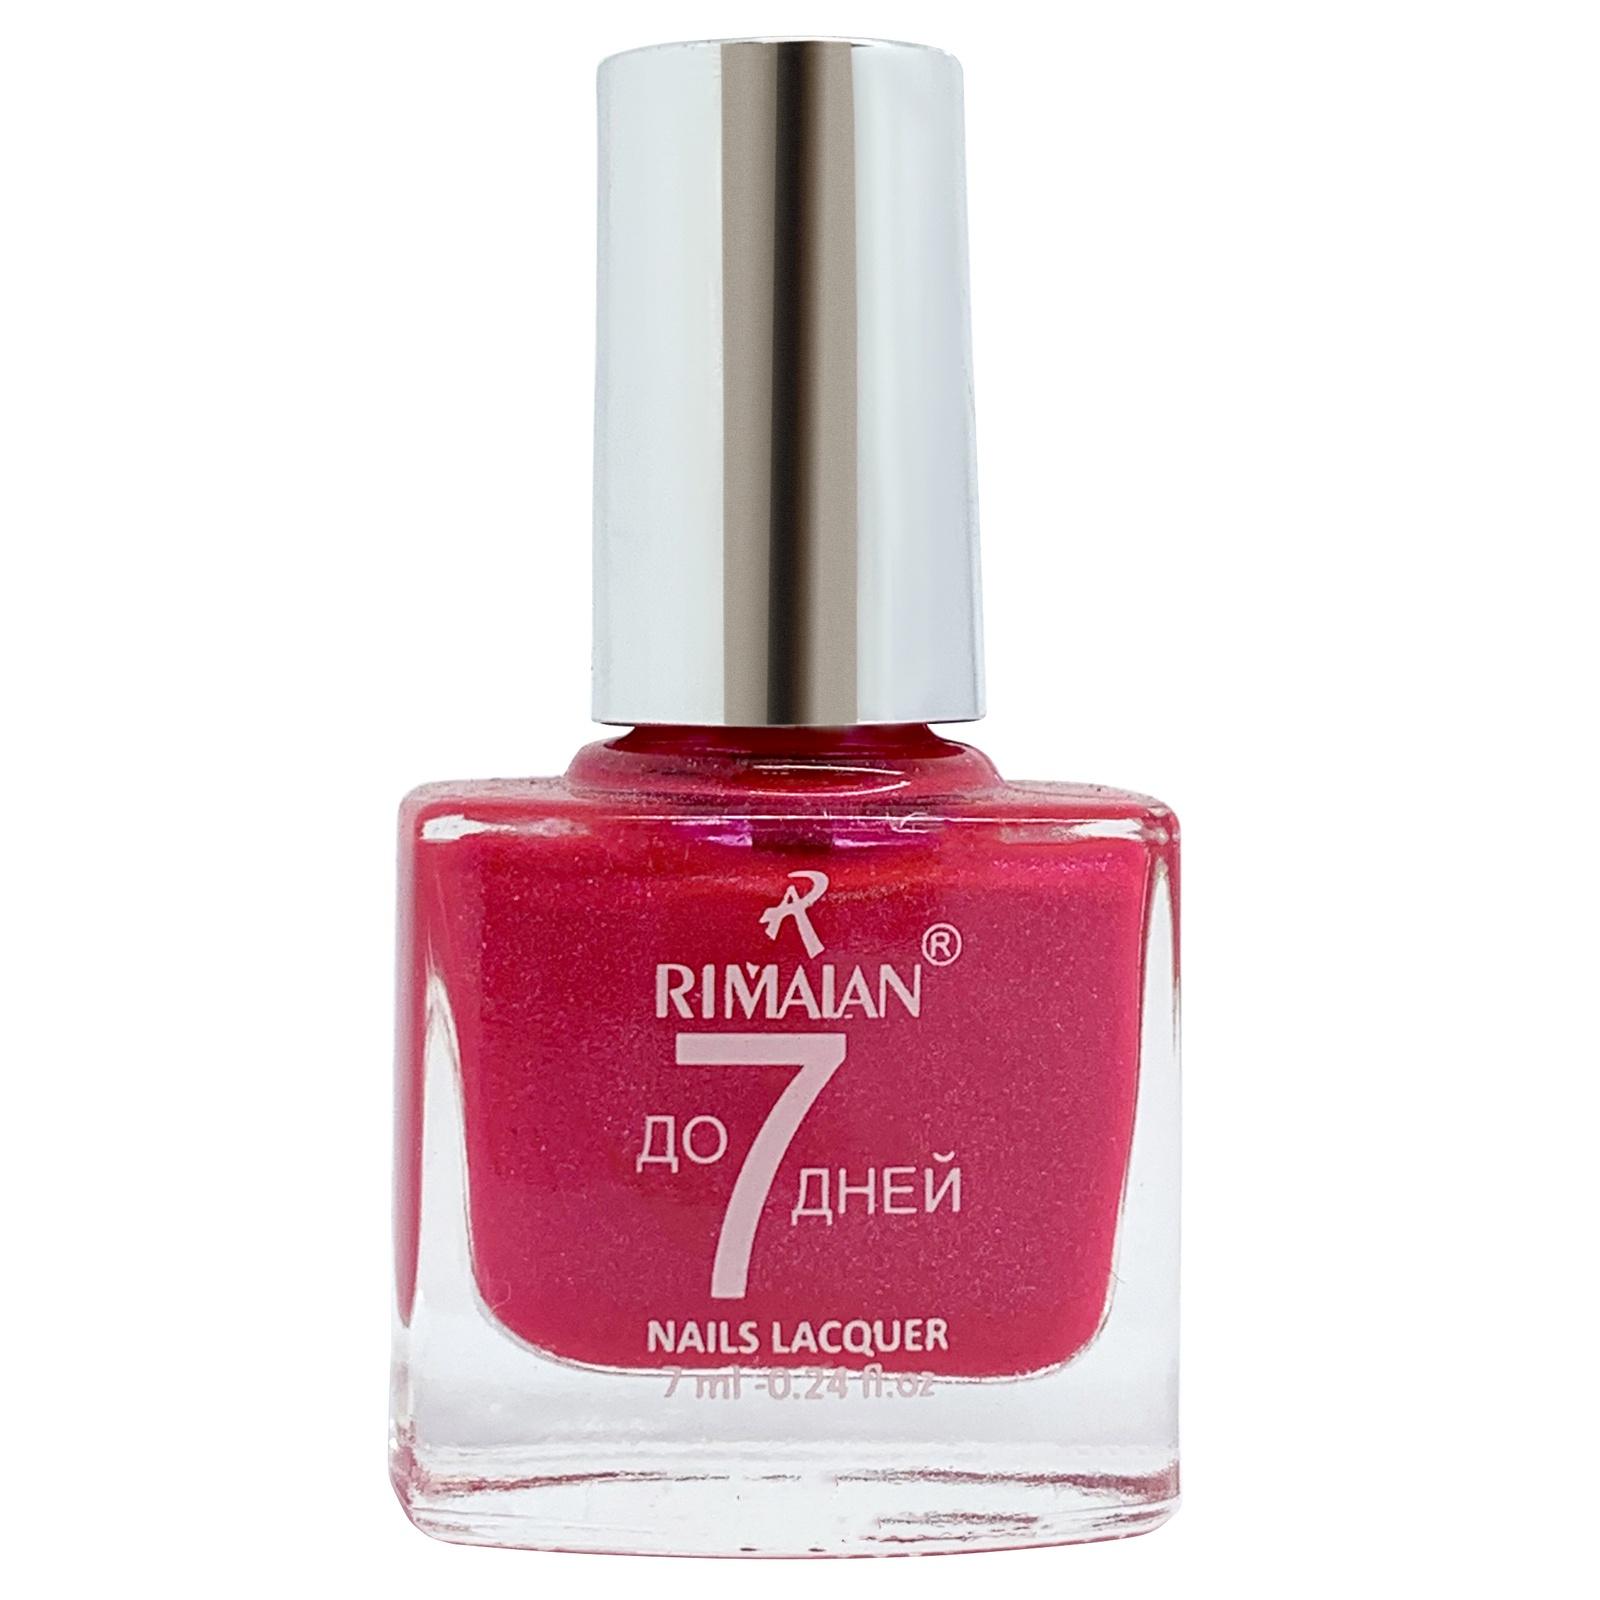 Rimalan 888-38 Лак для ногтей 7ml RNL888 до 7 дней 38 малиновый